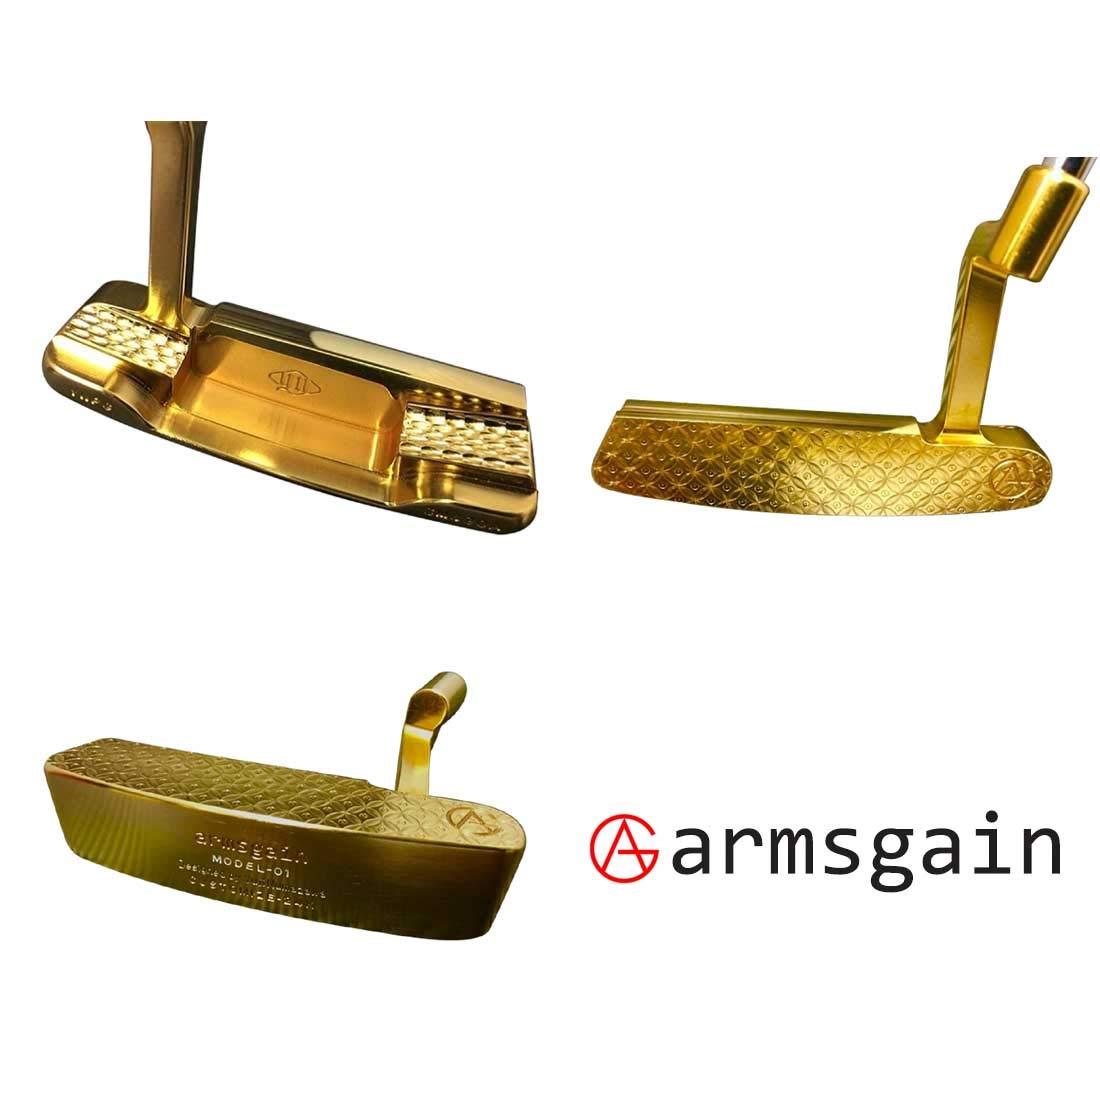 アームスゲイン(armsgain) パター Model-01【クランクネックタイプ】 SM490A 純金24kコーティング仕様 35インチ パター B07S6V9D3N